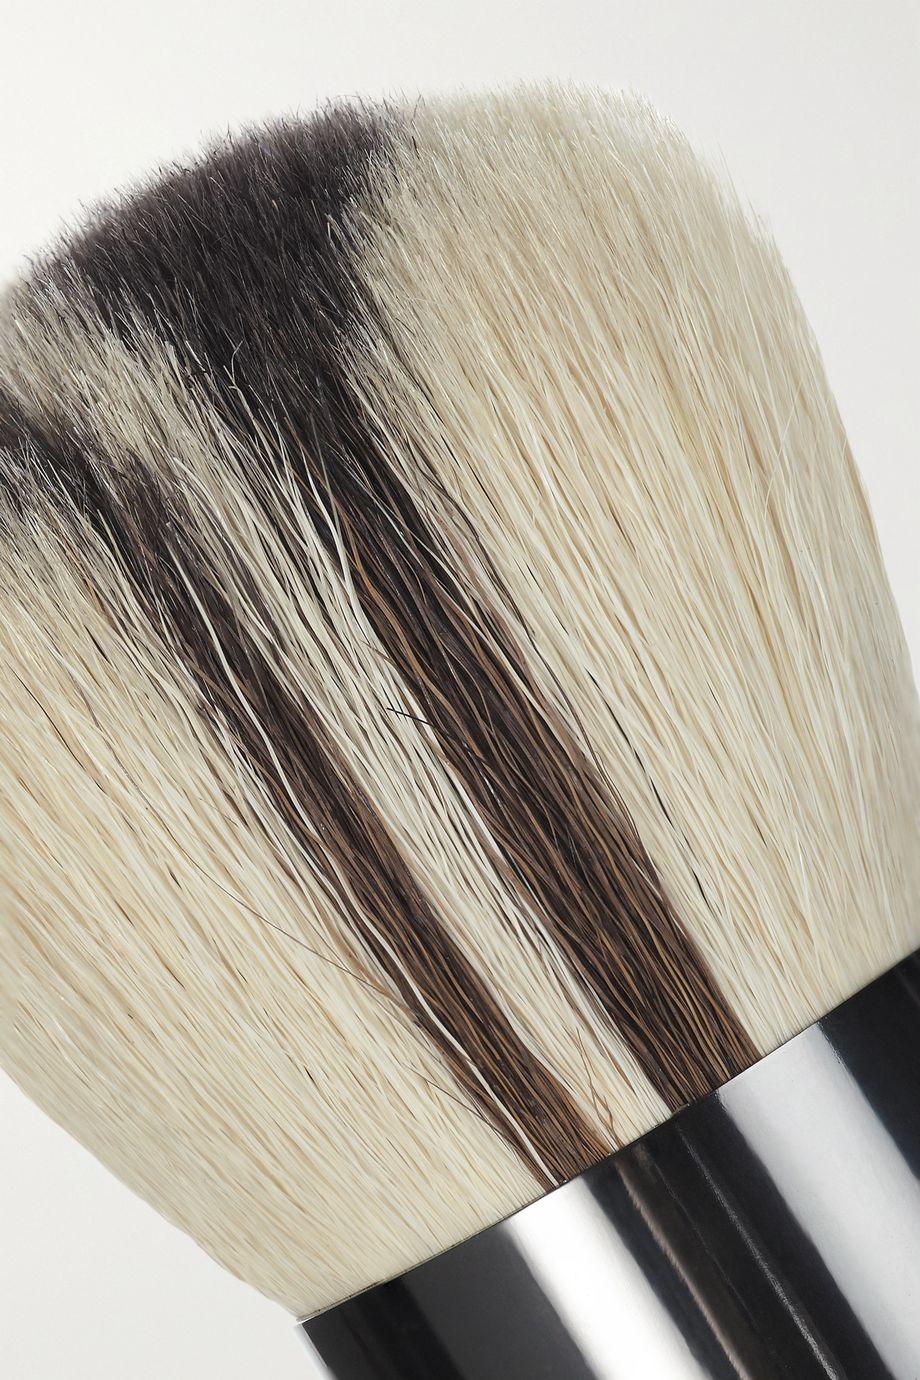 Chantecaille Kabuki Brush – Pinsel